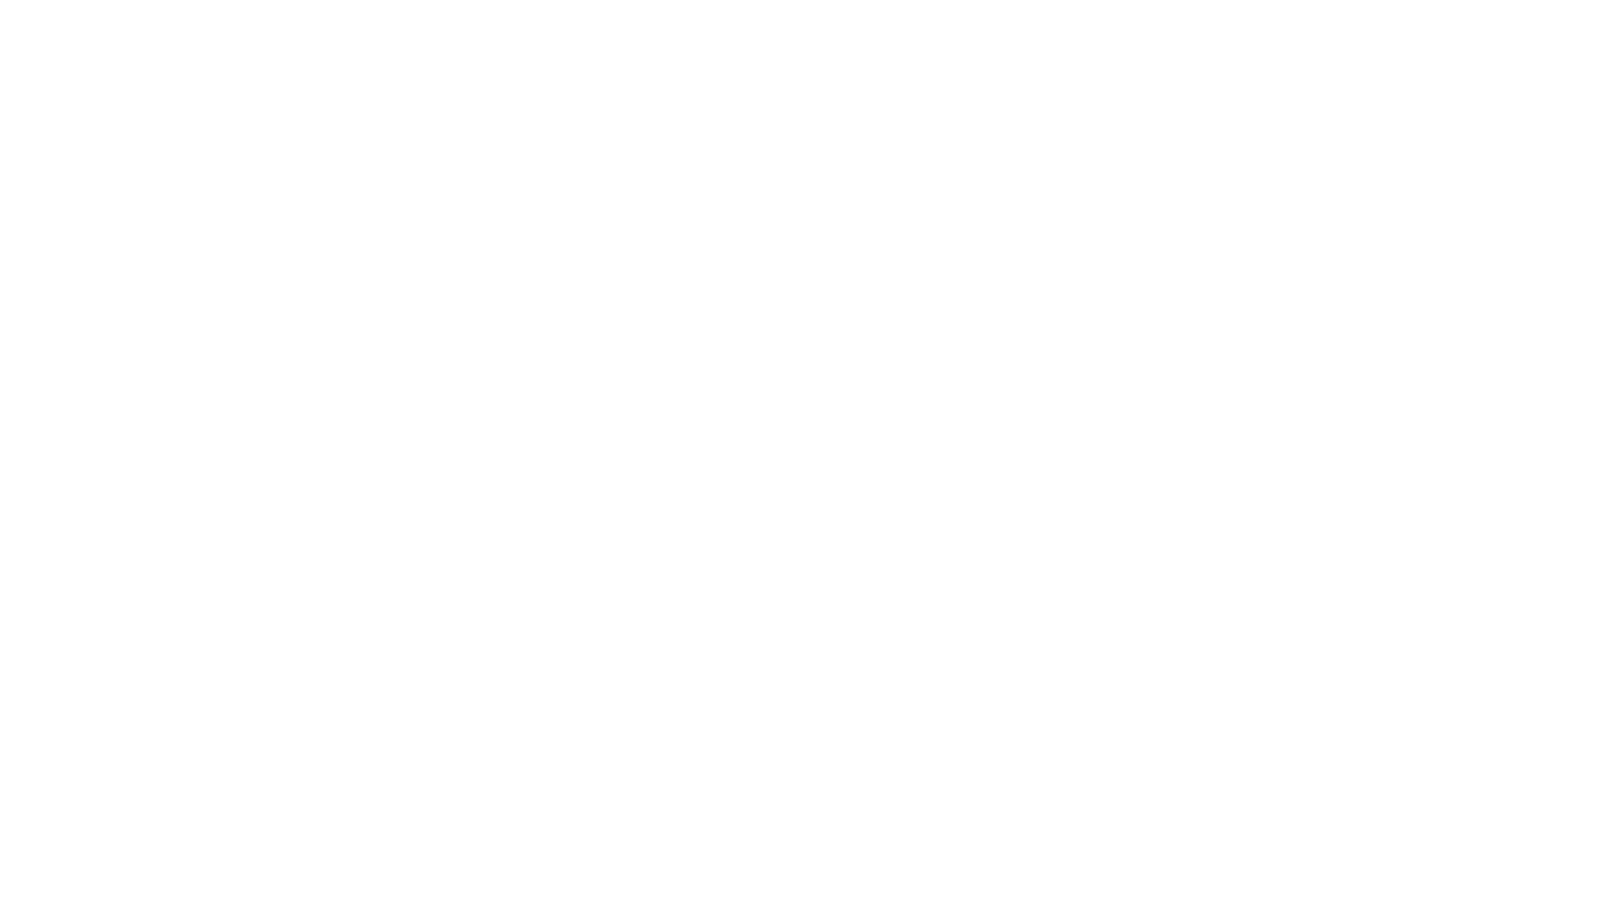 """Alexandra #Mvp habla del #Torito, Ana Karina se burla del Torito.  NO OLVIDES SUSCRIBIRTE SI AUN NO LO HAS HECHO.  """"¡Si! El me escribió, pero yo no lo conozco ni nada…"""" confesó la influencer en su más reciente entrevista para el el programa ''Finanzas con humor''.  Conducido por Manolo Ozuna y Juan Carlos Guilbe a través de la plataforma YouTube y Telemicro Internacional.   """"Yo no recuerdo bien, tendría que chequear pero me puso que Dios me bendiga siempre"""", dijo #Alexandra. #AnaKarina"""